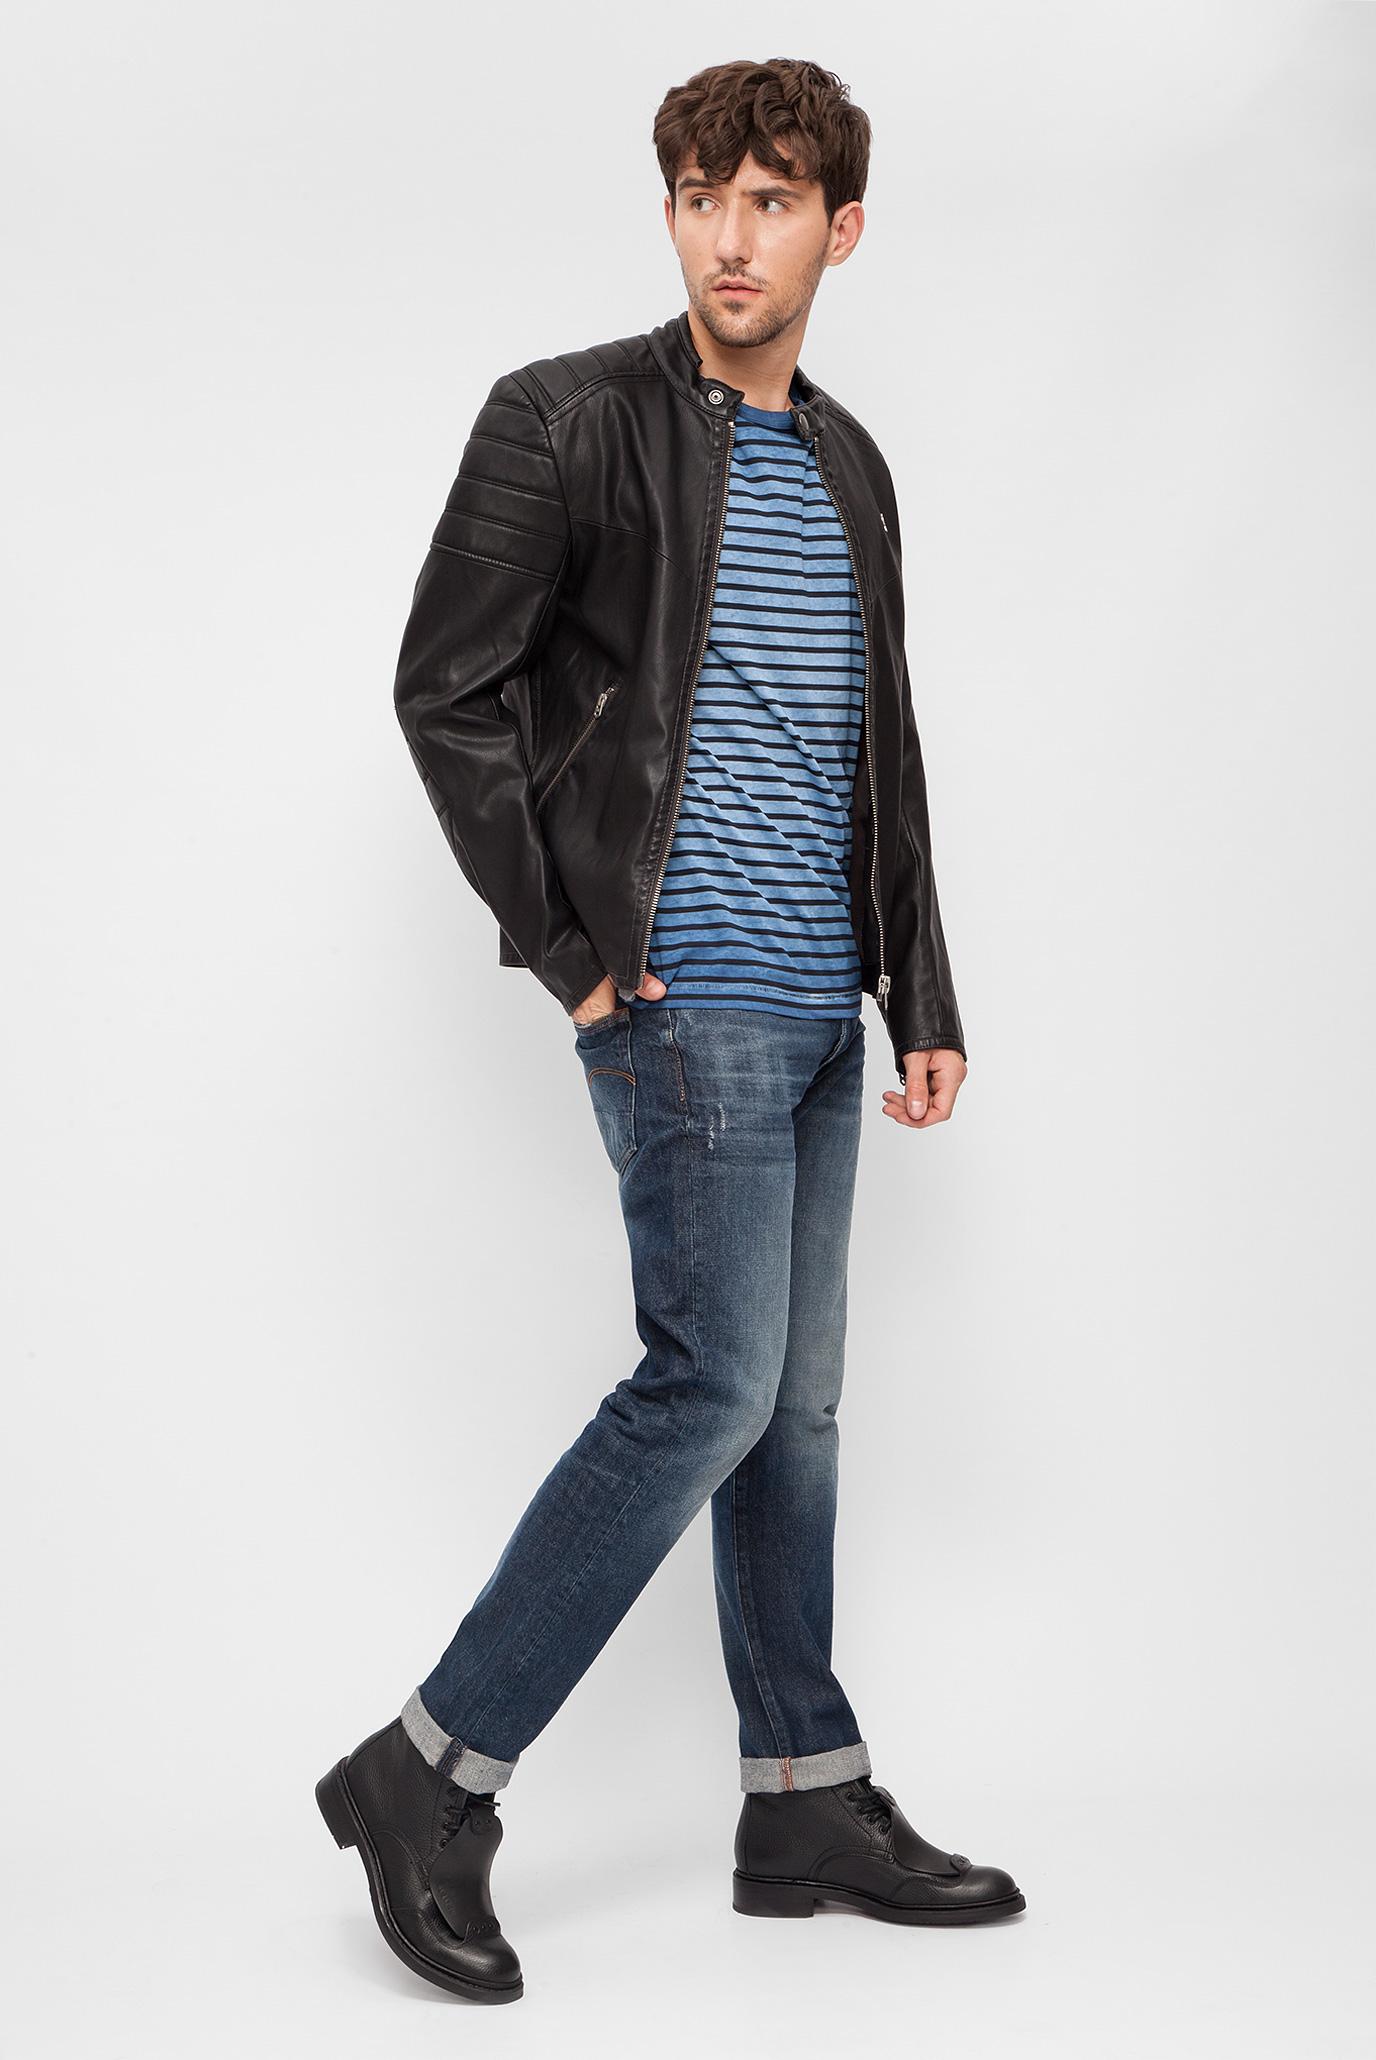 Купить Мужские темно-синие джинсы Tapered G-Star RAW G-Star RAW 51003,8452 – Киев, Украина. Цены в интернет магазине MD Fashion